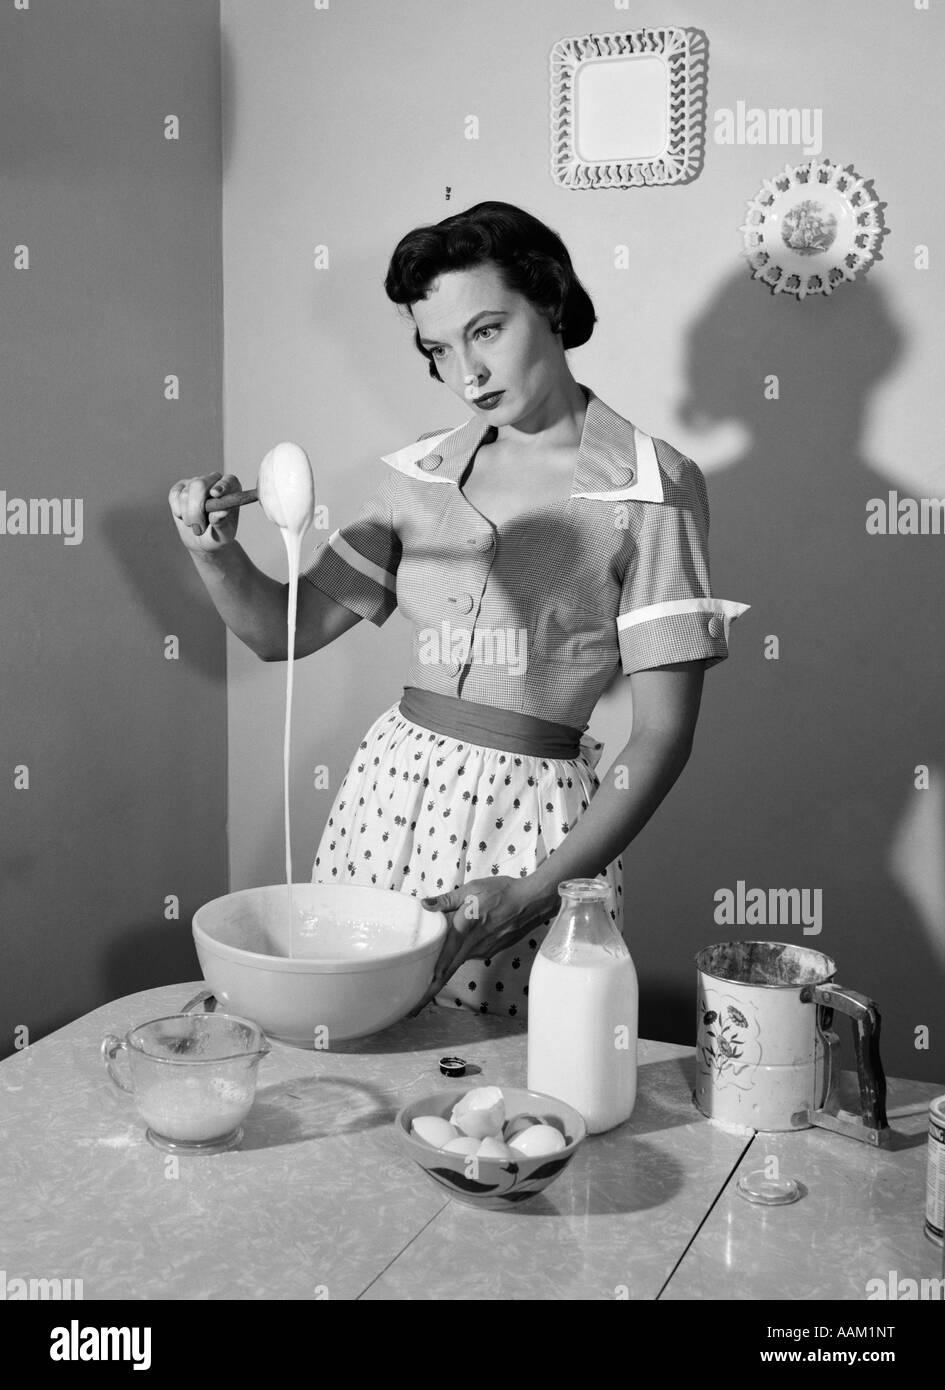 Femme au foyer des années 60 dans la pâte collante de mélange cuisine Photo Stock